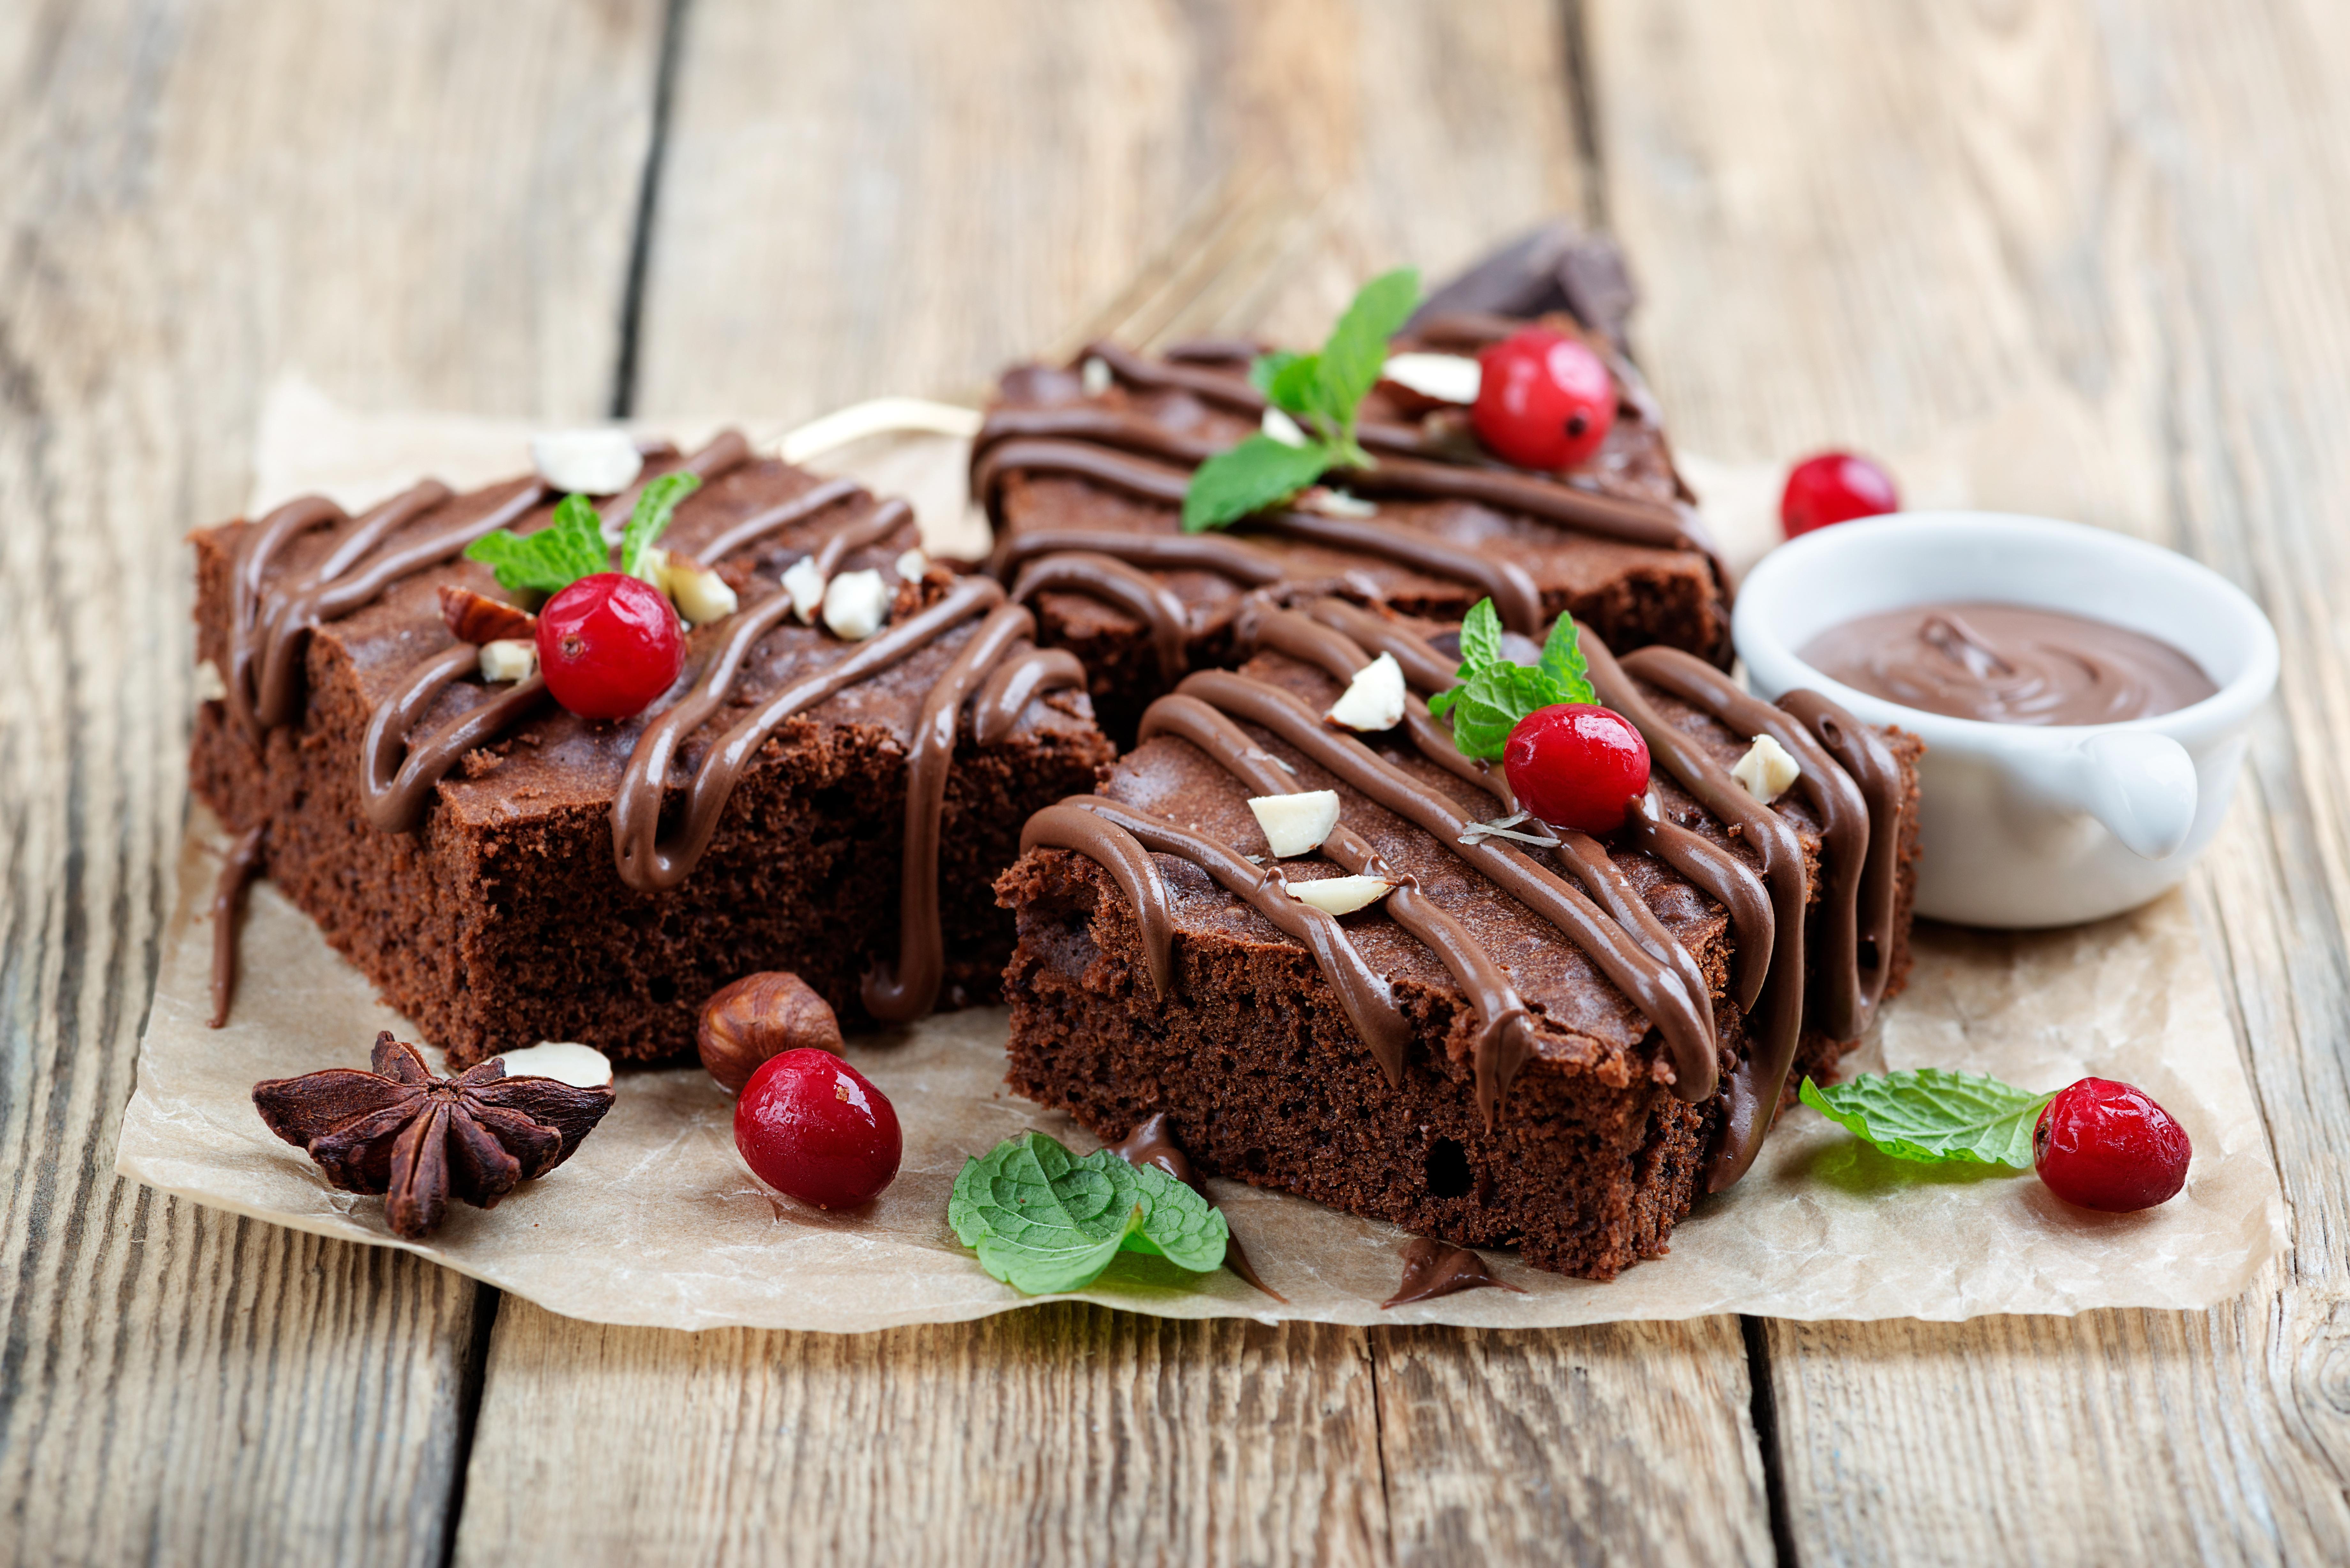 шоколад пирожные картинки мульча заменит собой